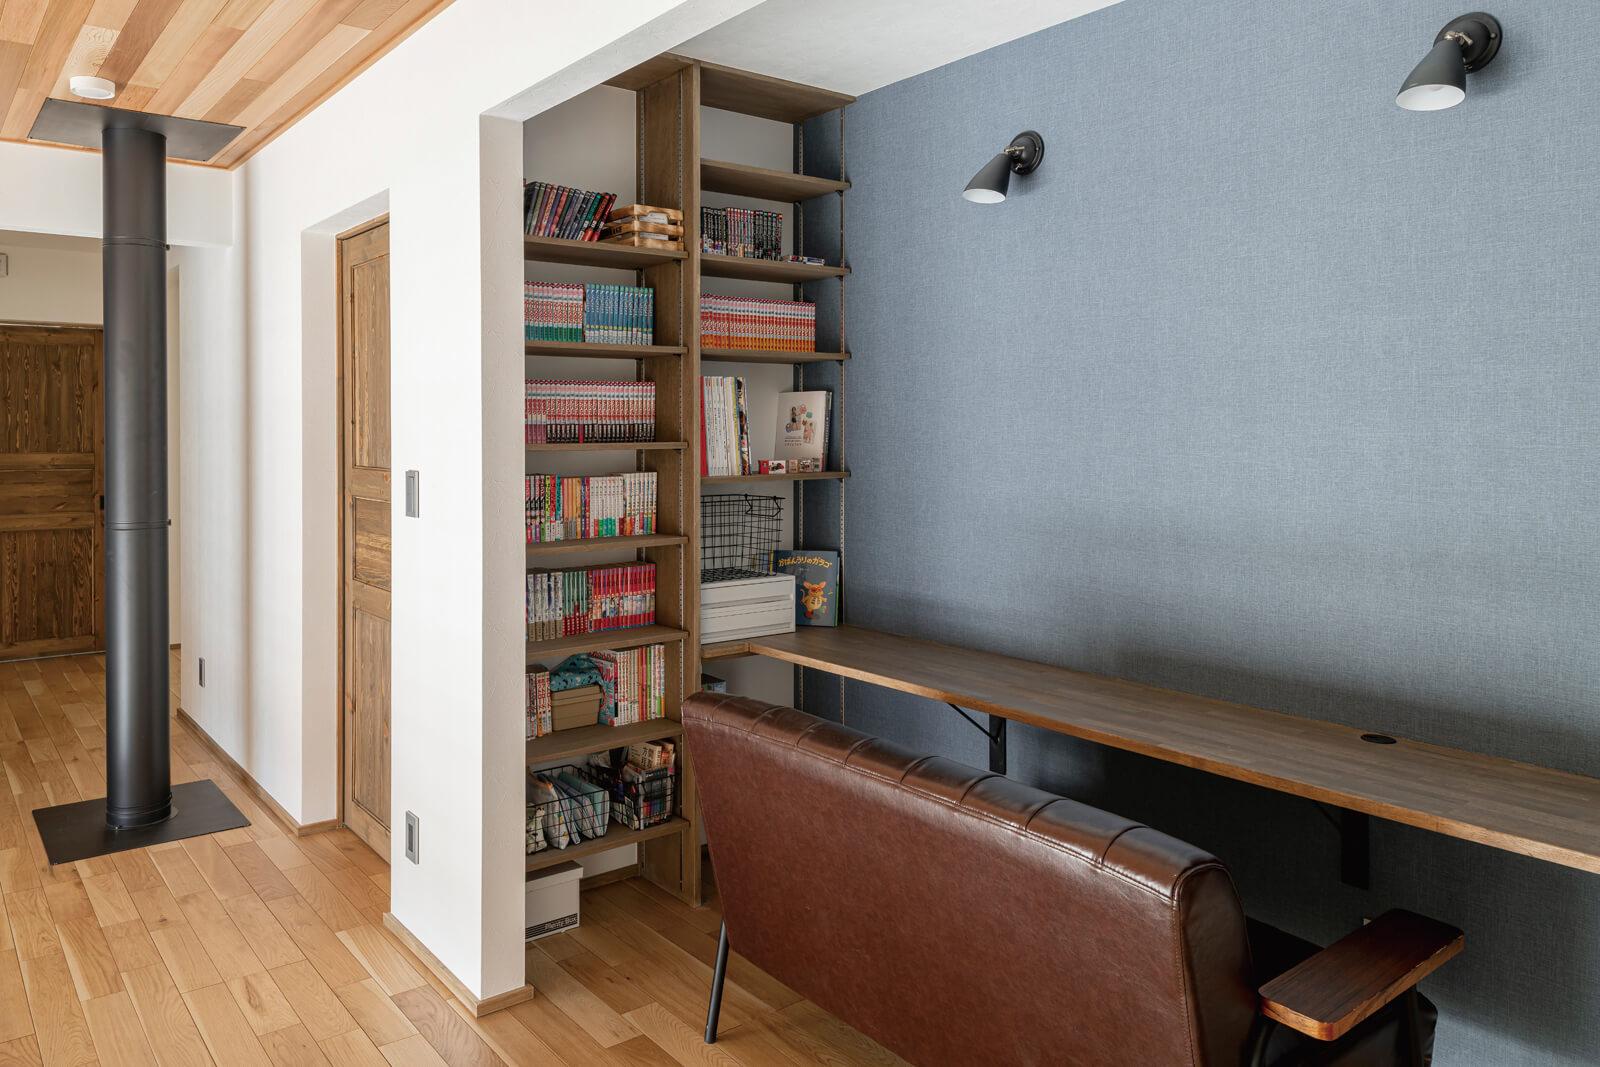 吹き抜けに面する2階廊下の一角には、アクセントウォールと造作のカウンター、書棚を設けた家族共用の読書コーナーもある